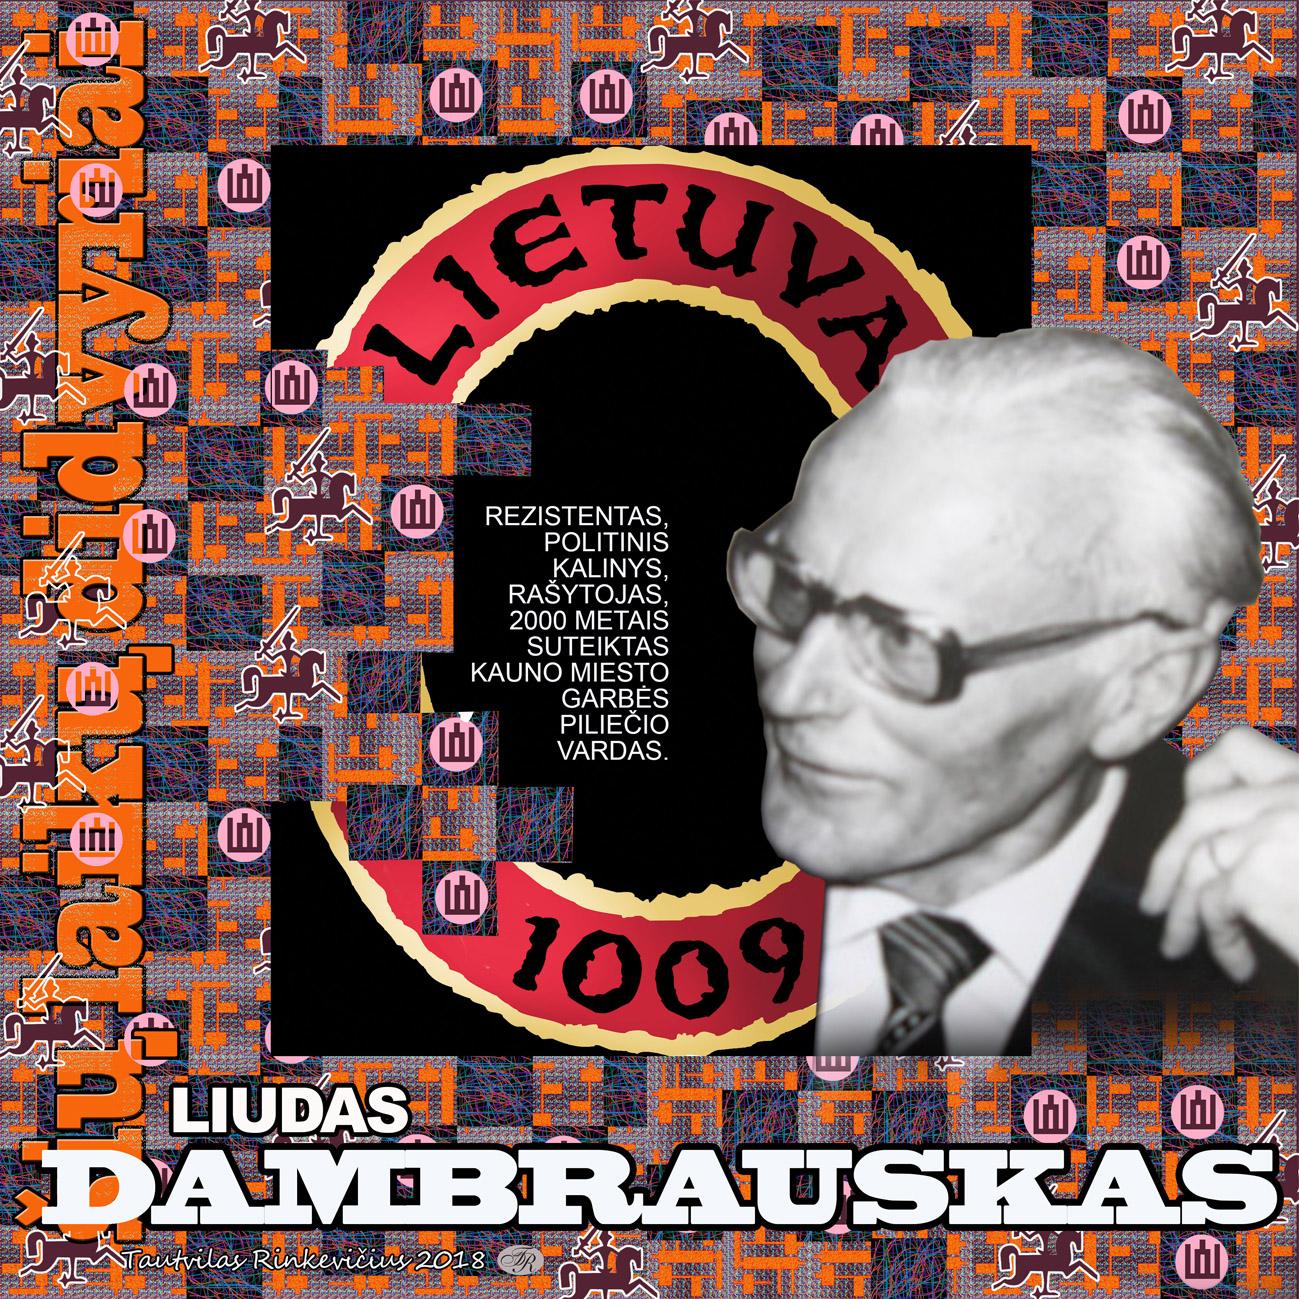 Liudas Dambrauskas